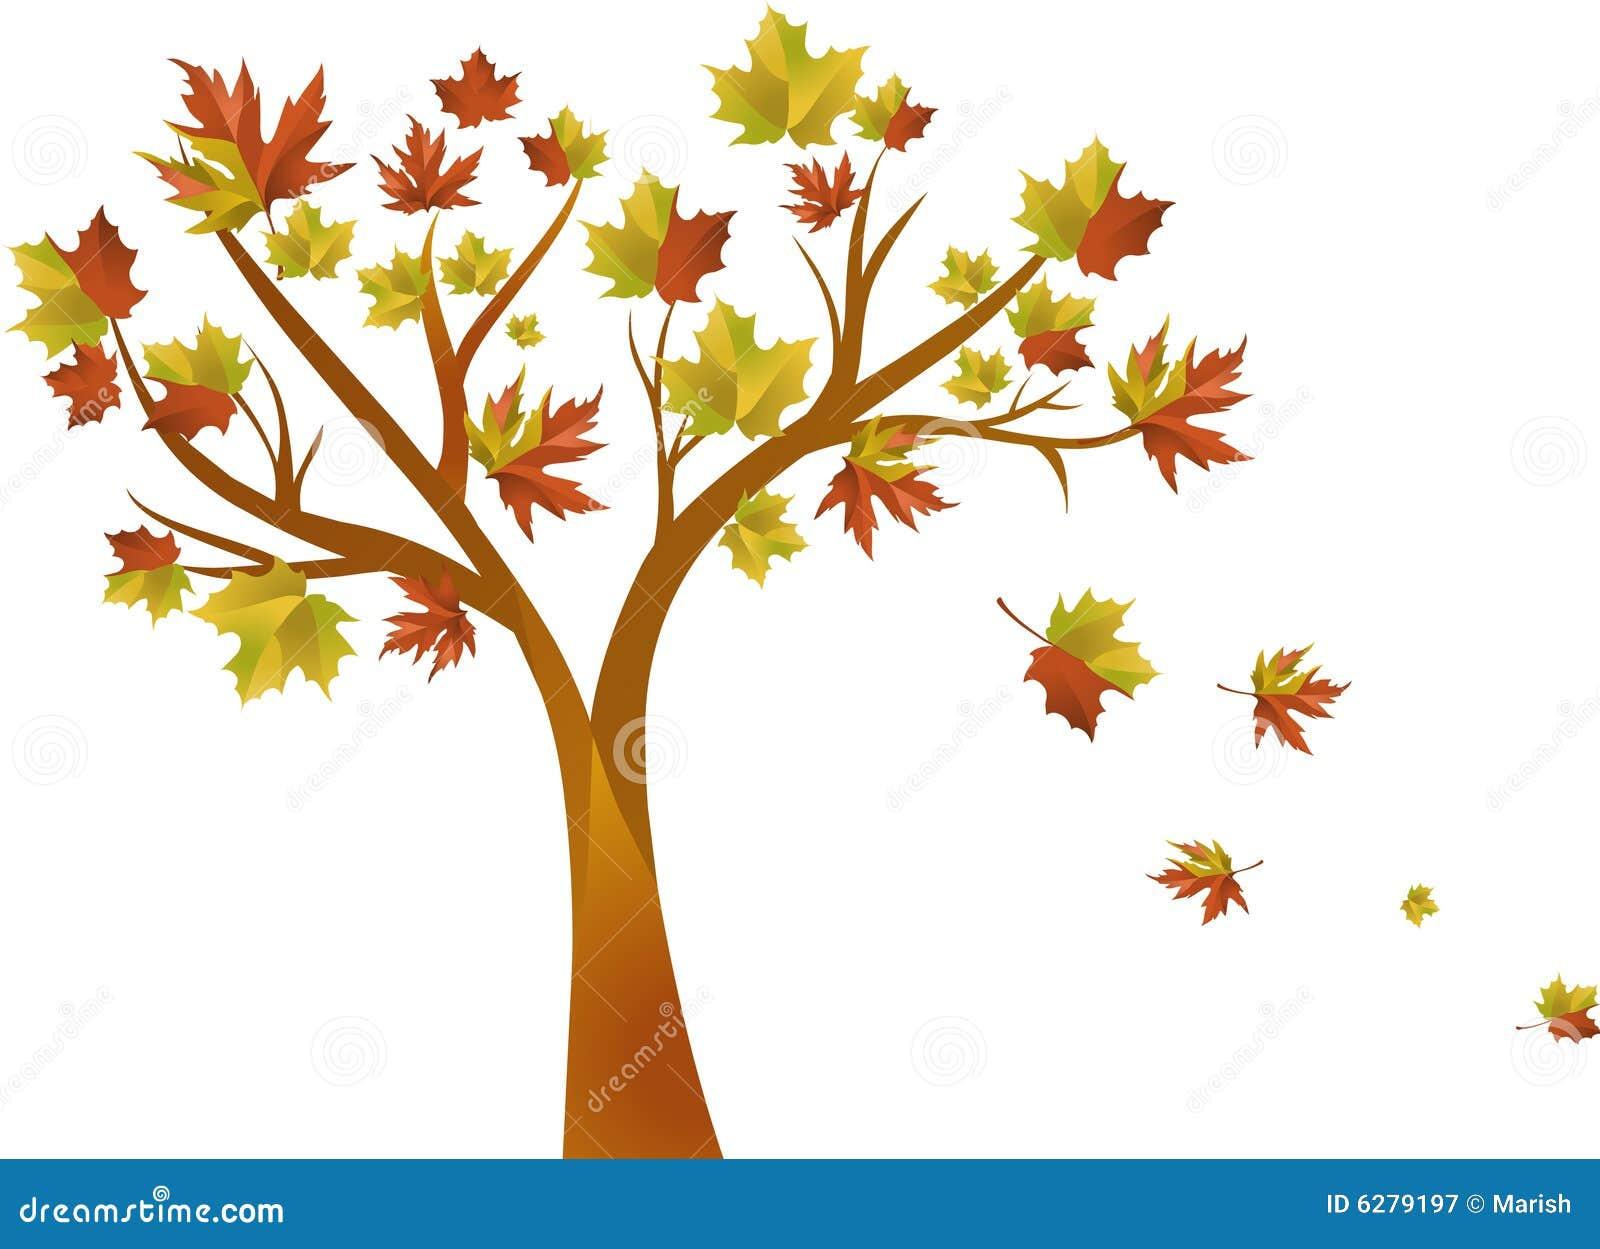 Herbstbaum Lizenzfreie Stockfotografie  Bild 6279197